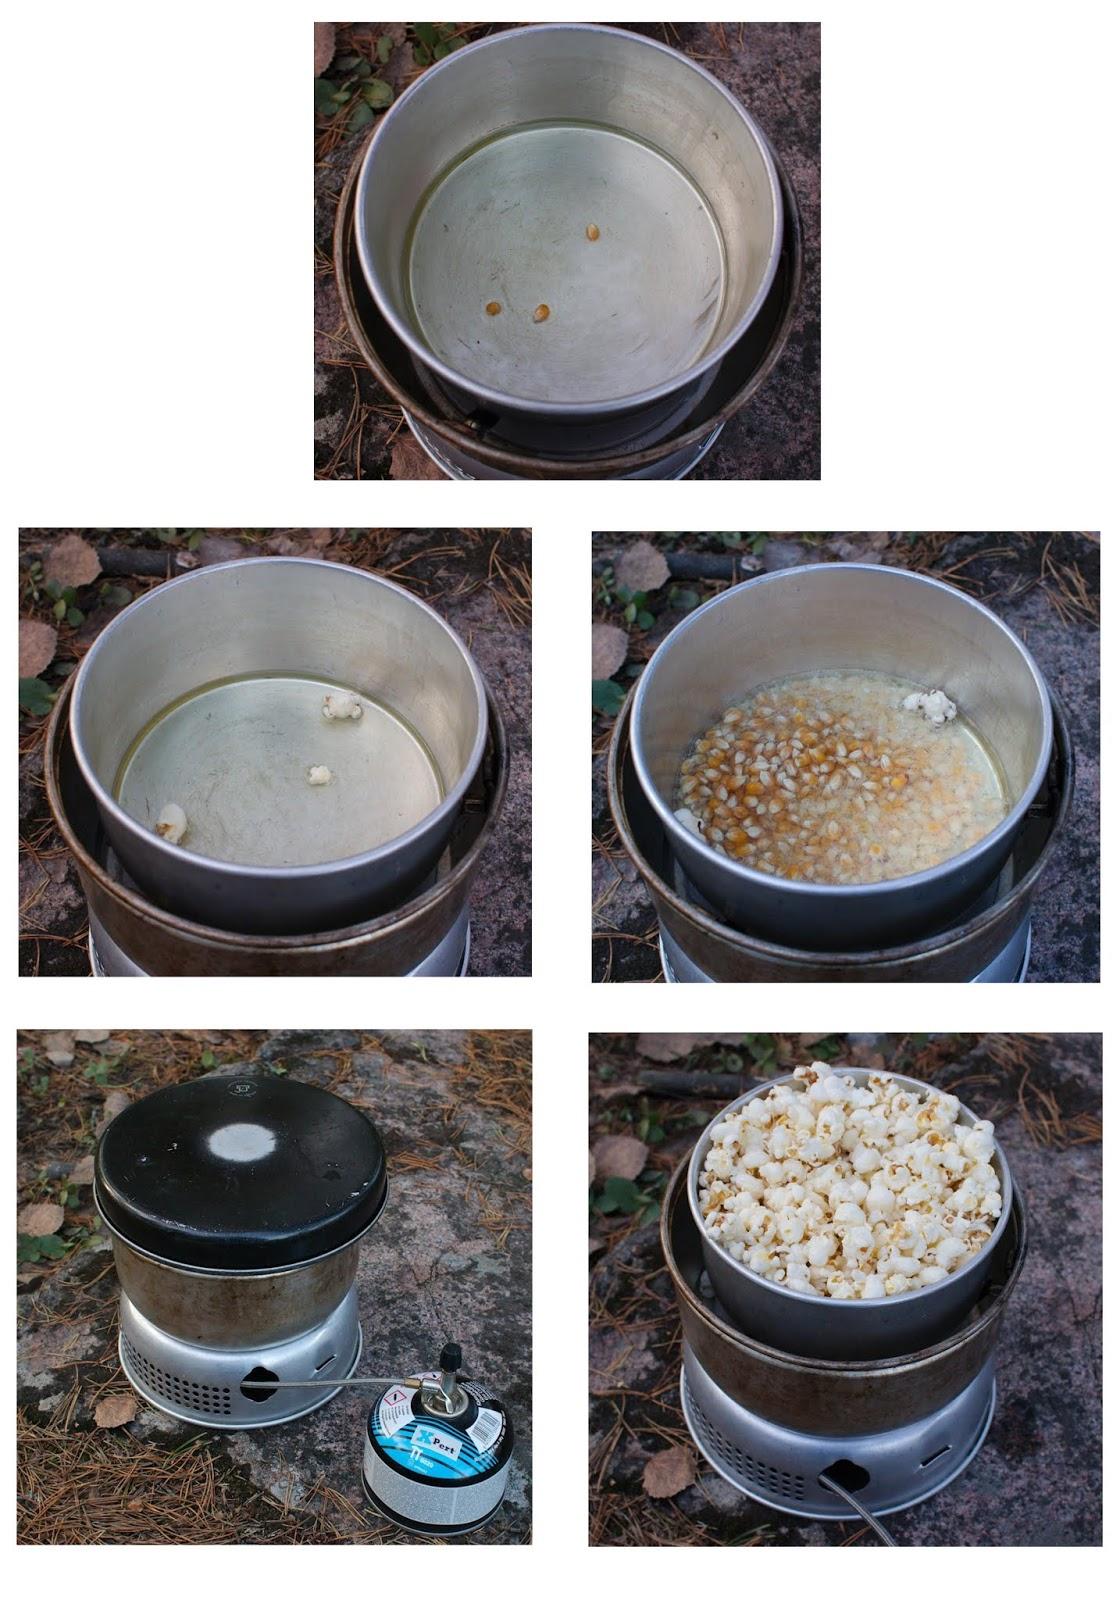 kuvasarja popkornien valmistamisesta trangialla